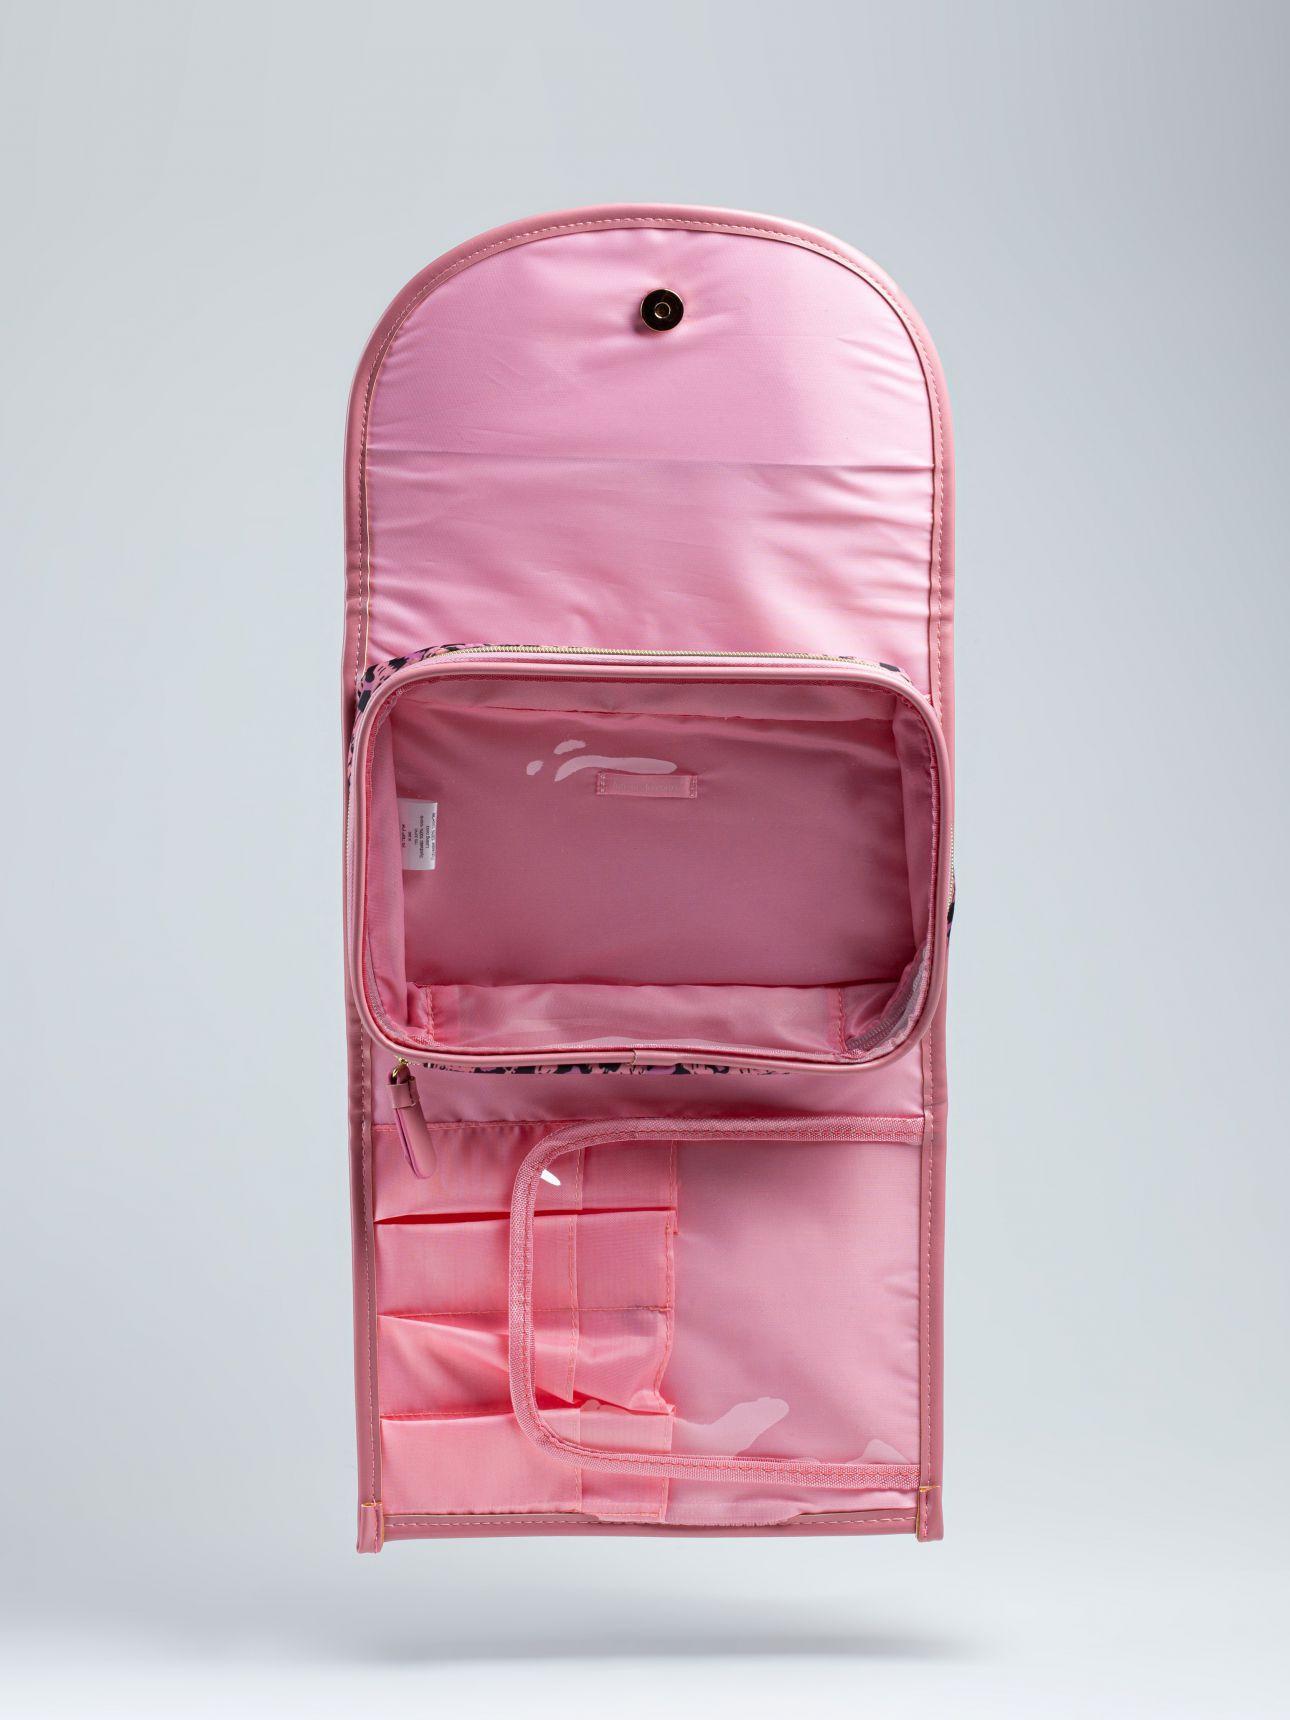 תיק רחצה מנומר חלוקה פנימית בצבע סגול בהיר